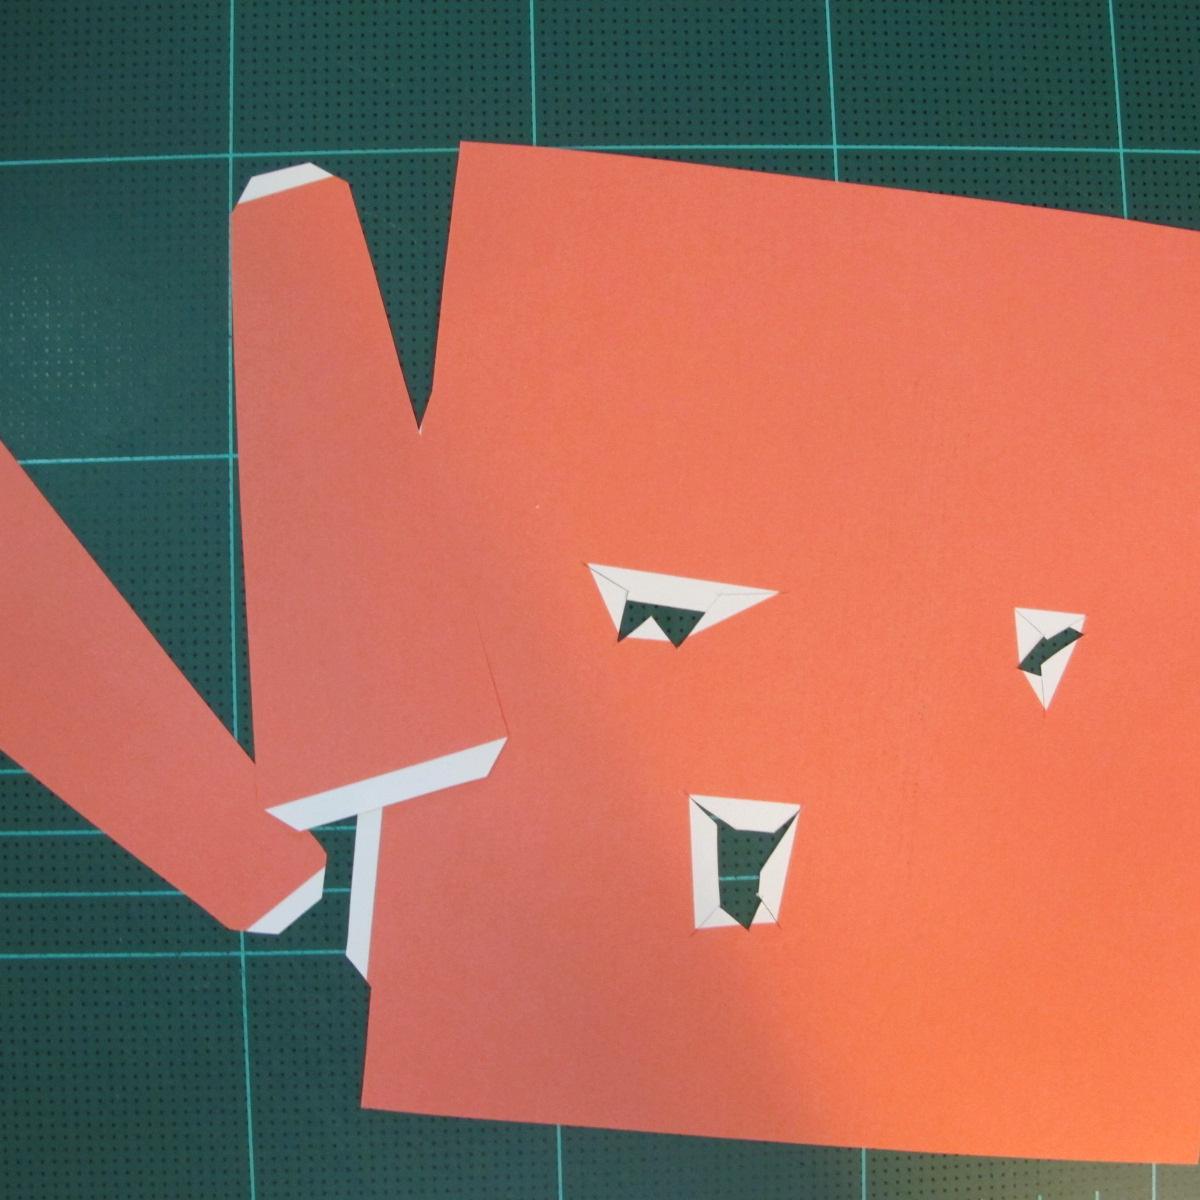 วิธีทำโมเดลกระดาษตุ้กตาคุกกี้รัน คุกกี้รสฮีโร่ (LINE Cookie Run Hero Cookie Papercraft Model) 027